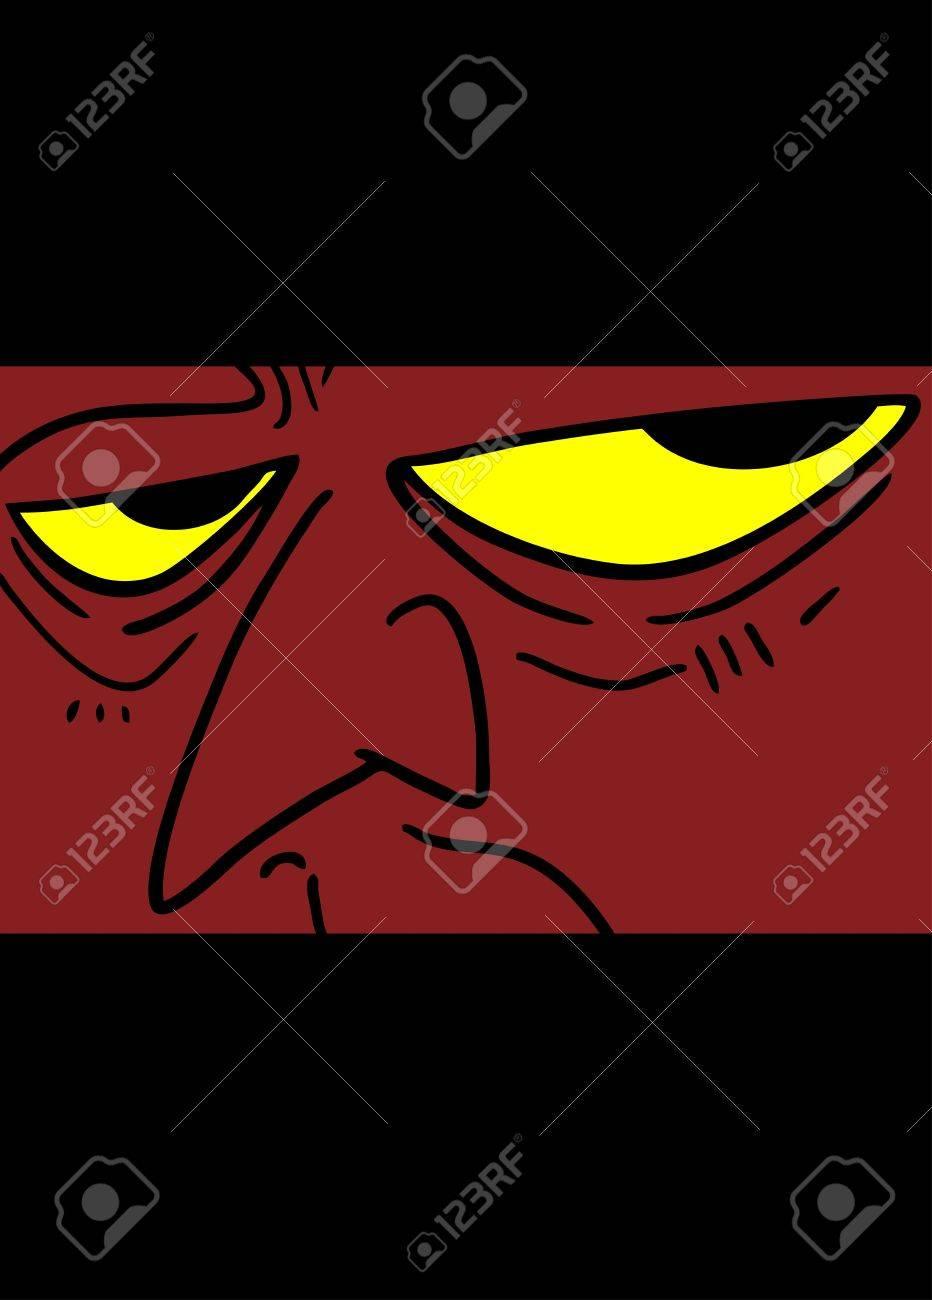 Demon face Stock Vector - 19200713